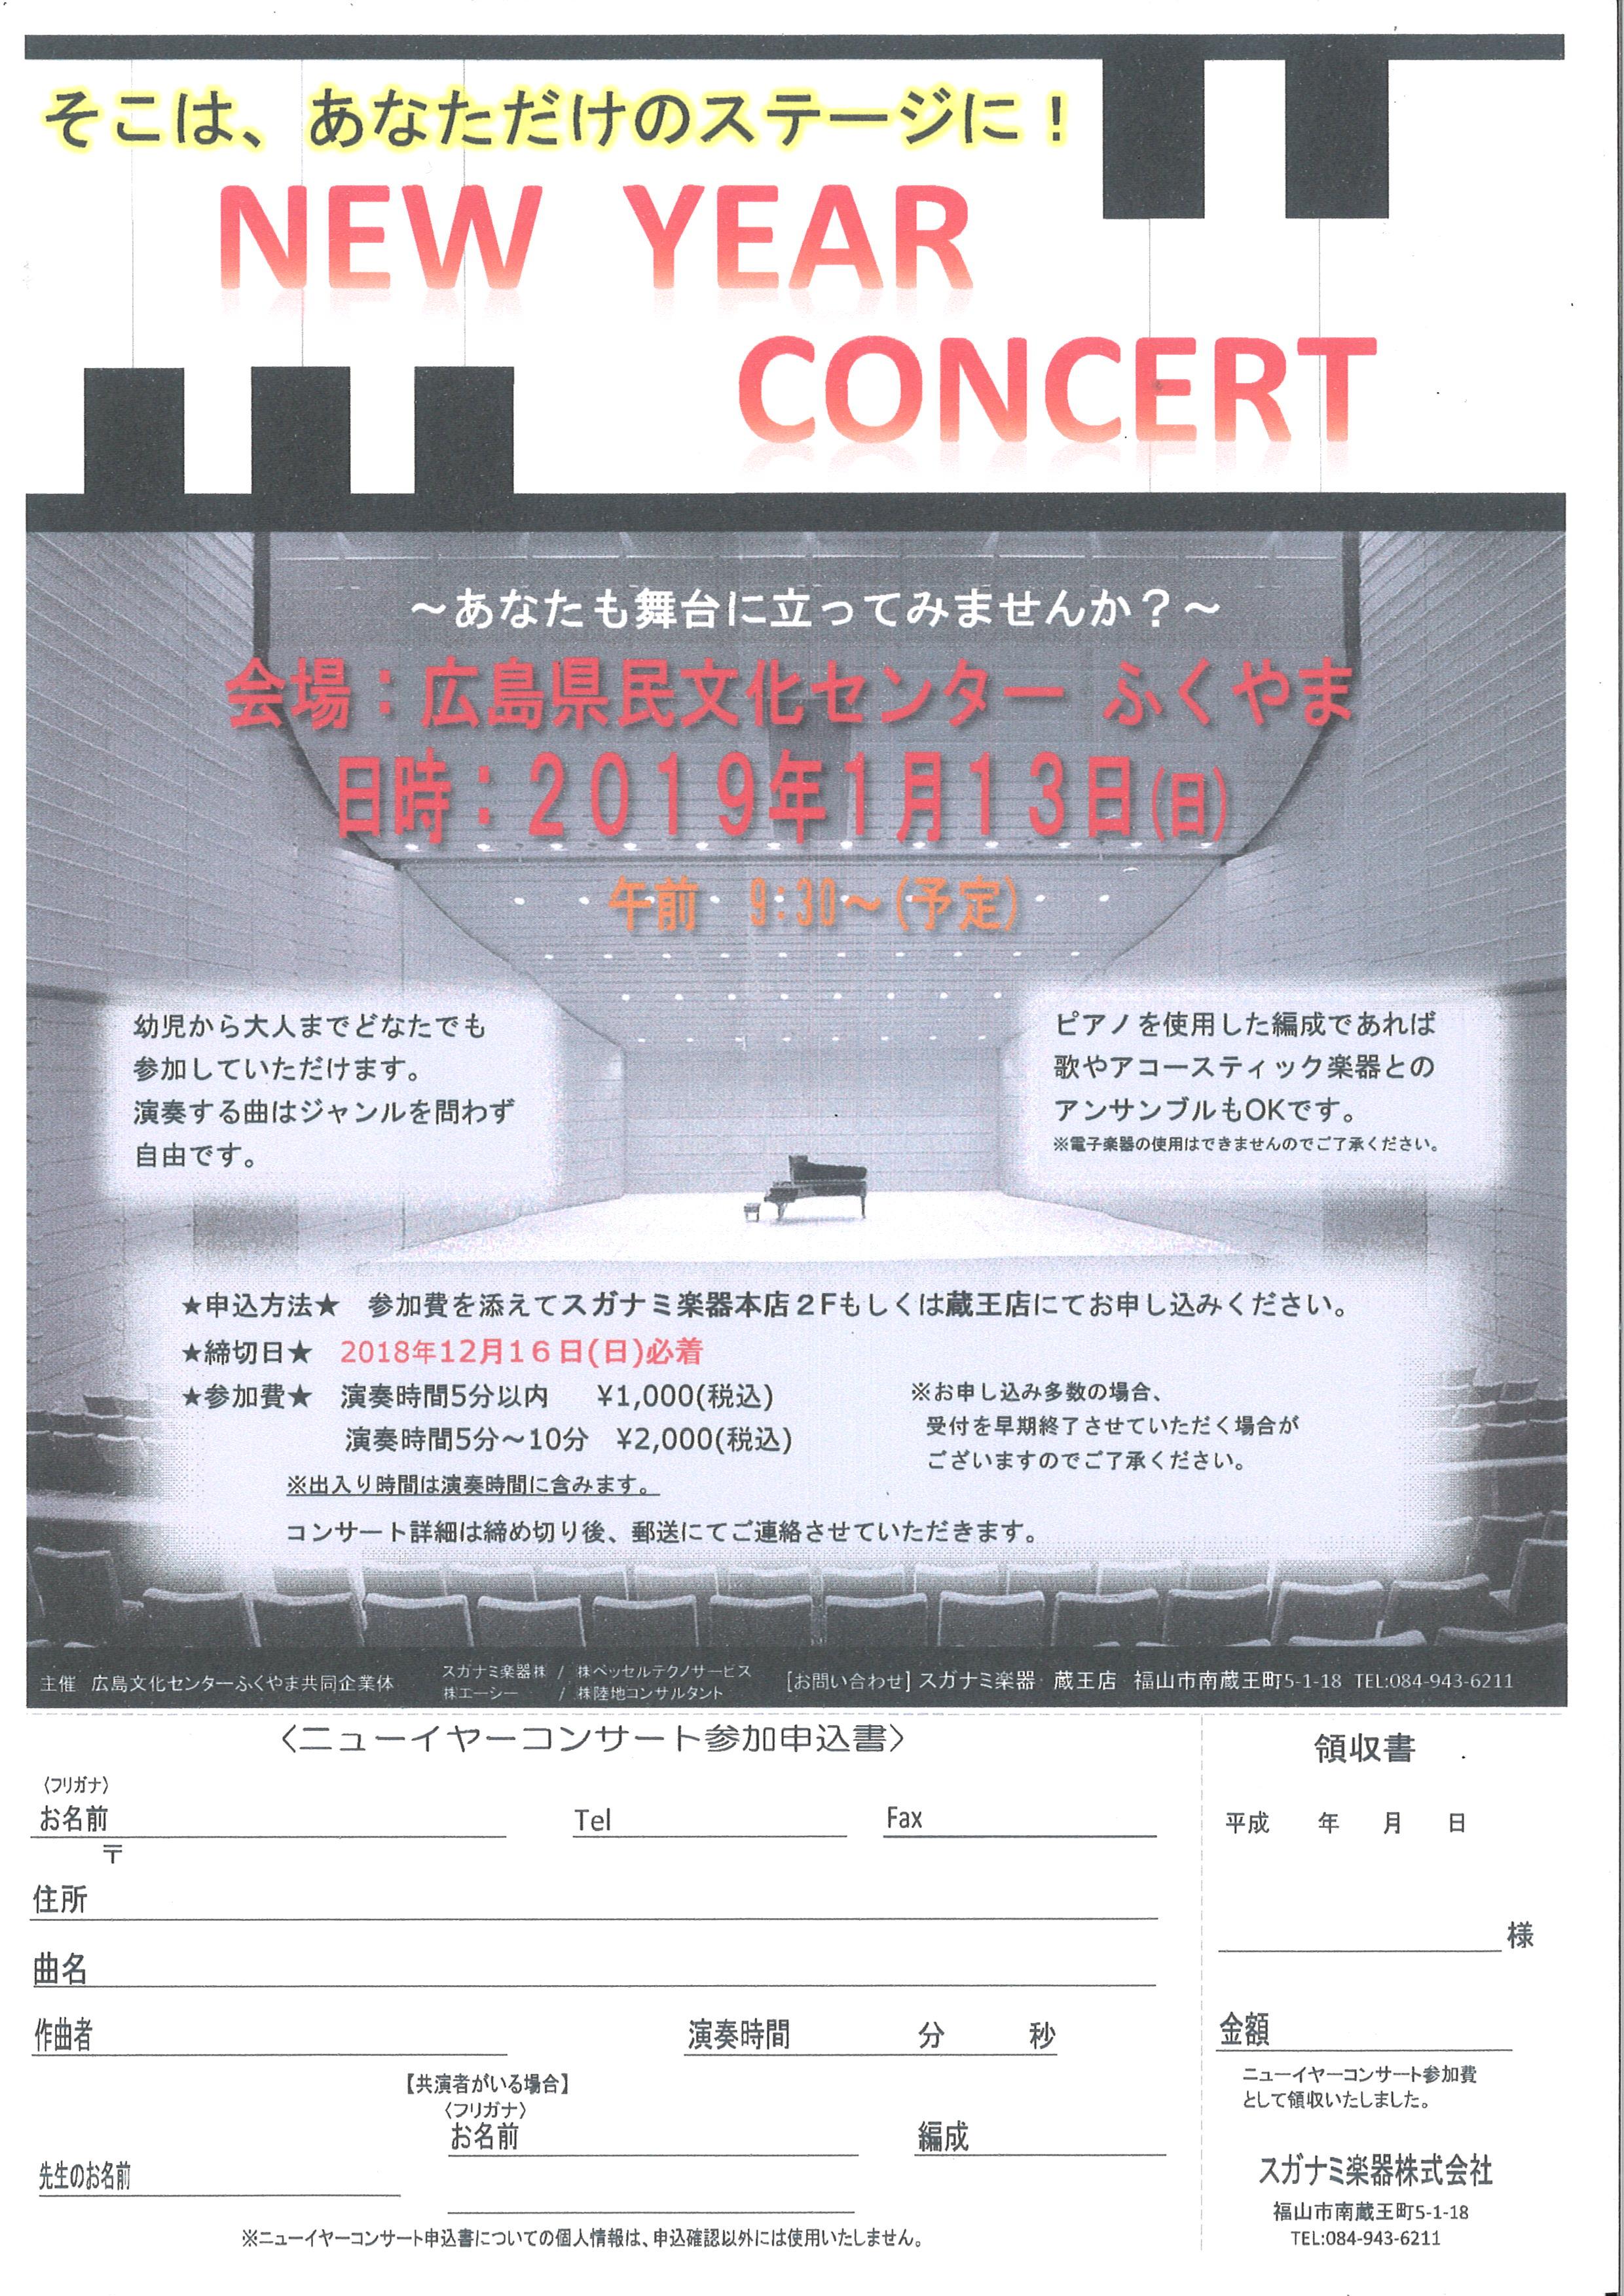 1.13 ニューイヤーコンサート